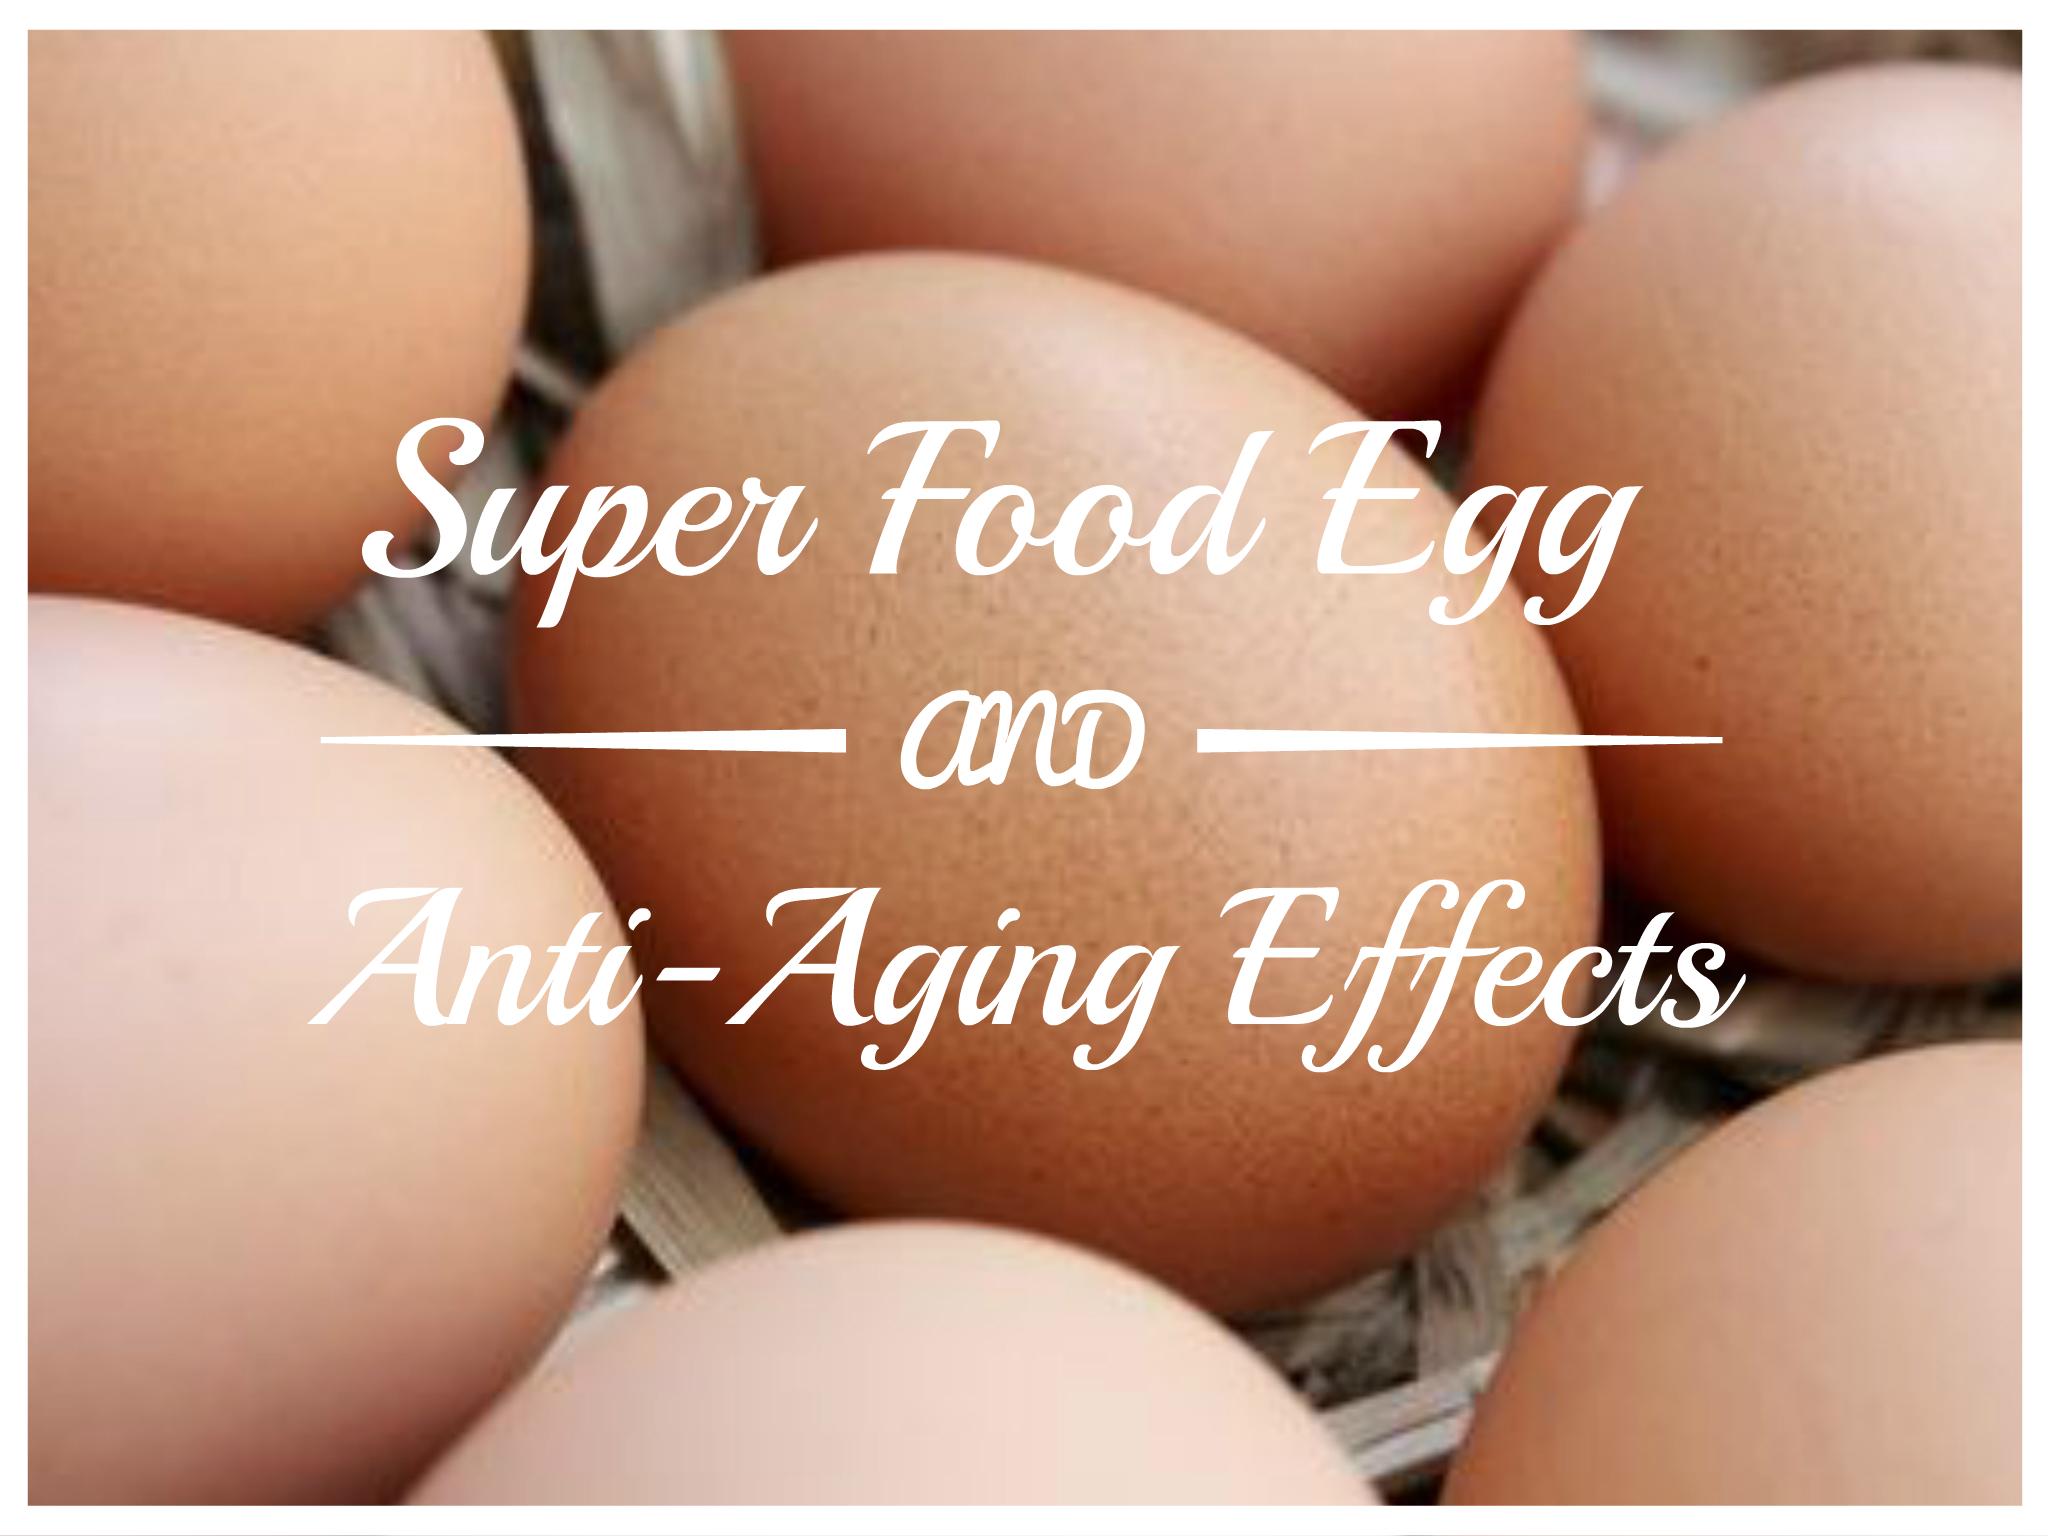 卵アンチエイジング効果